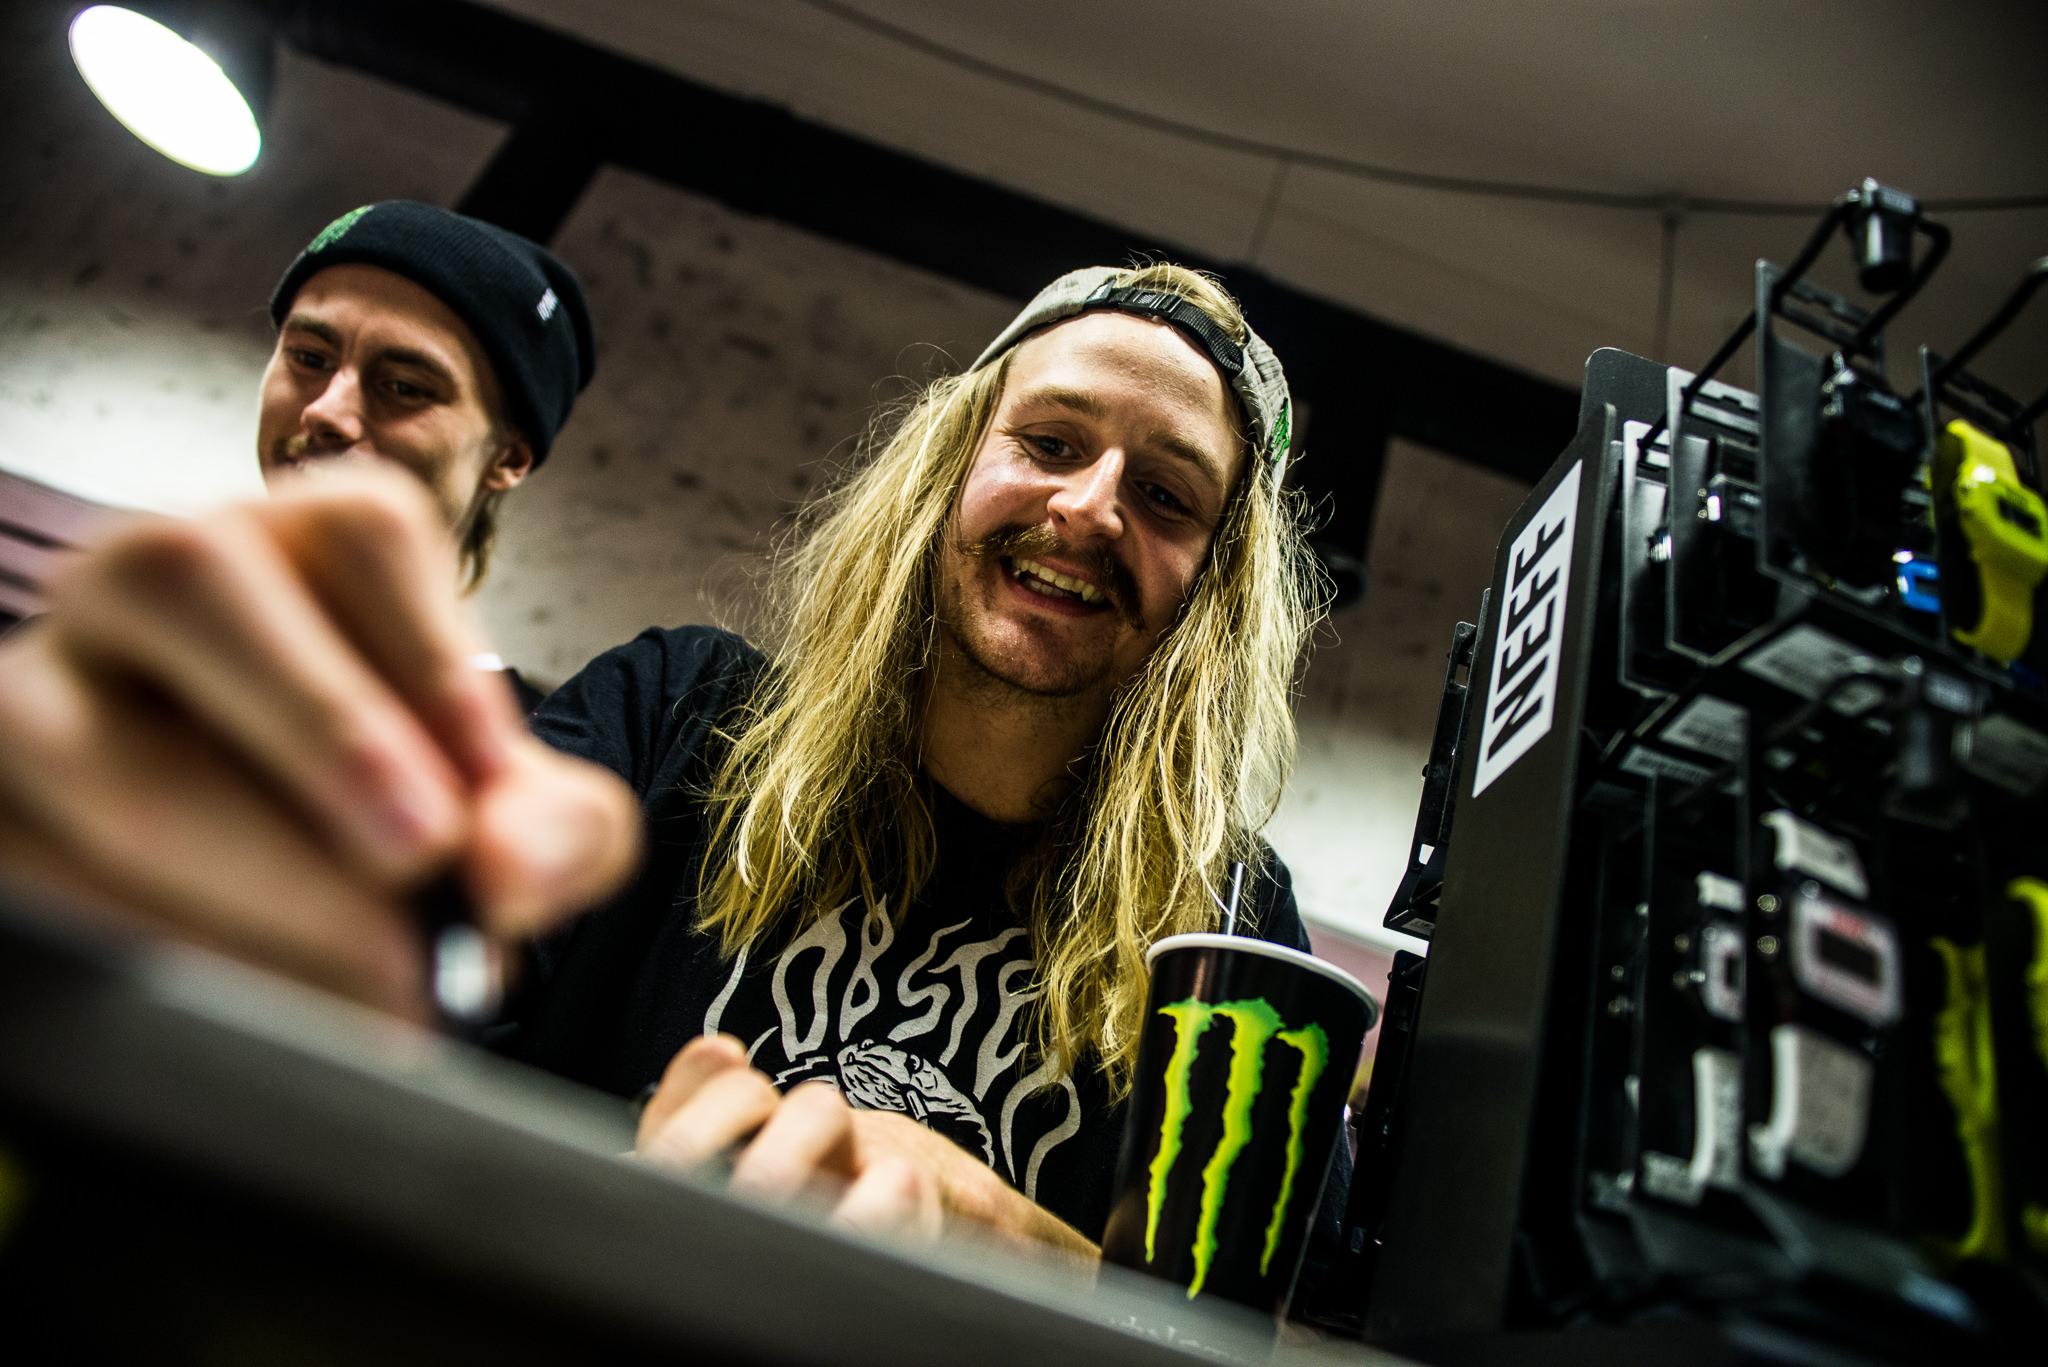 @Monster Energy @fogytos